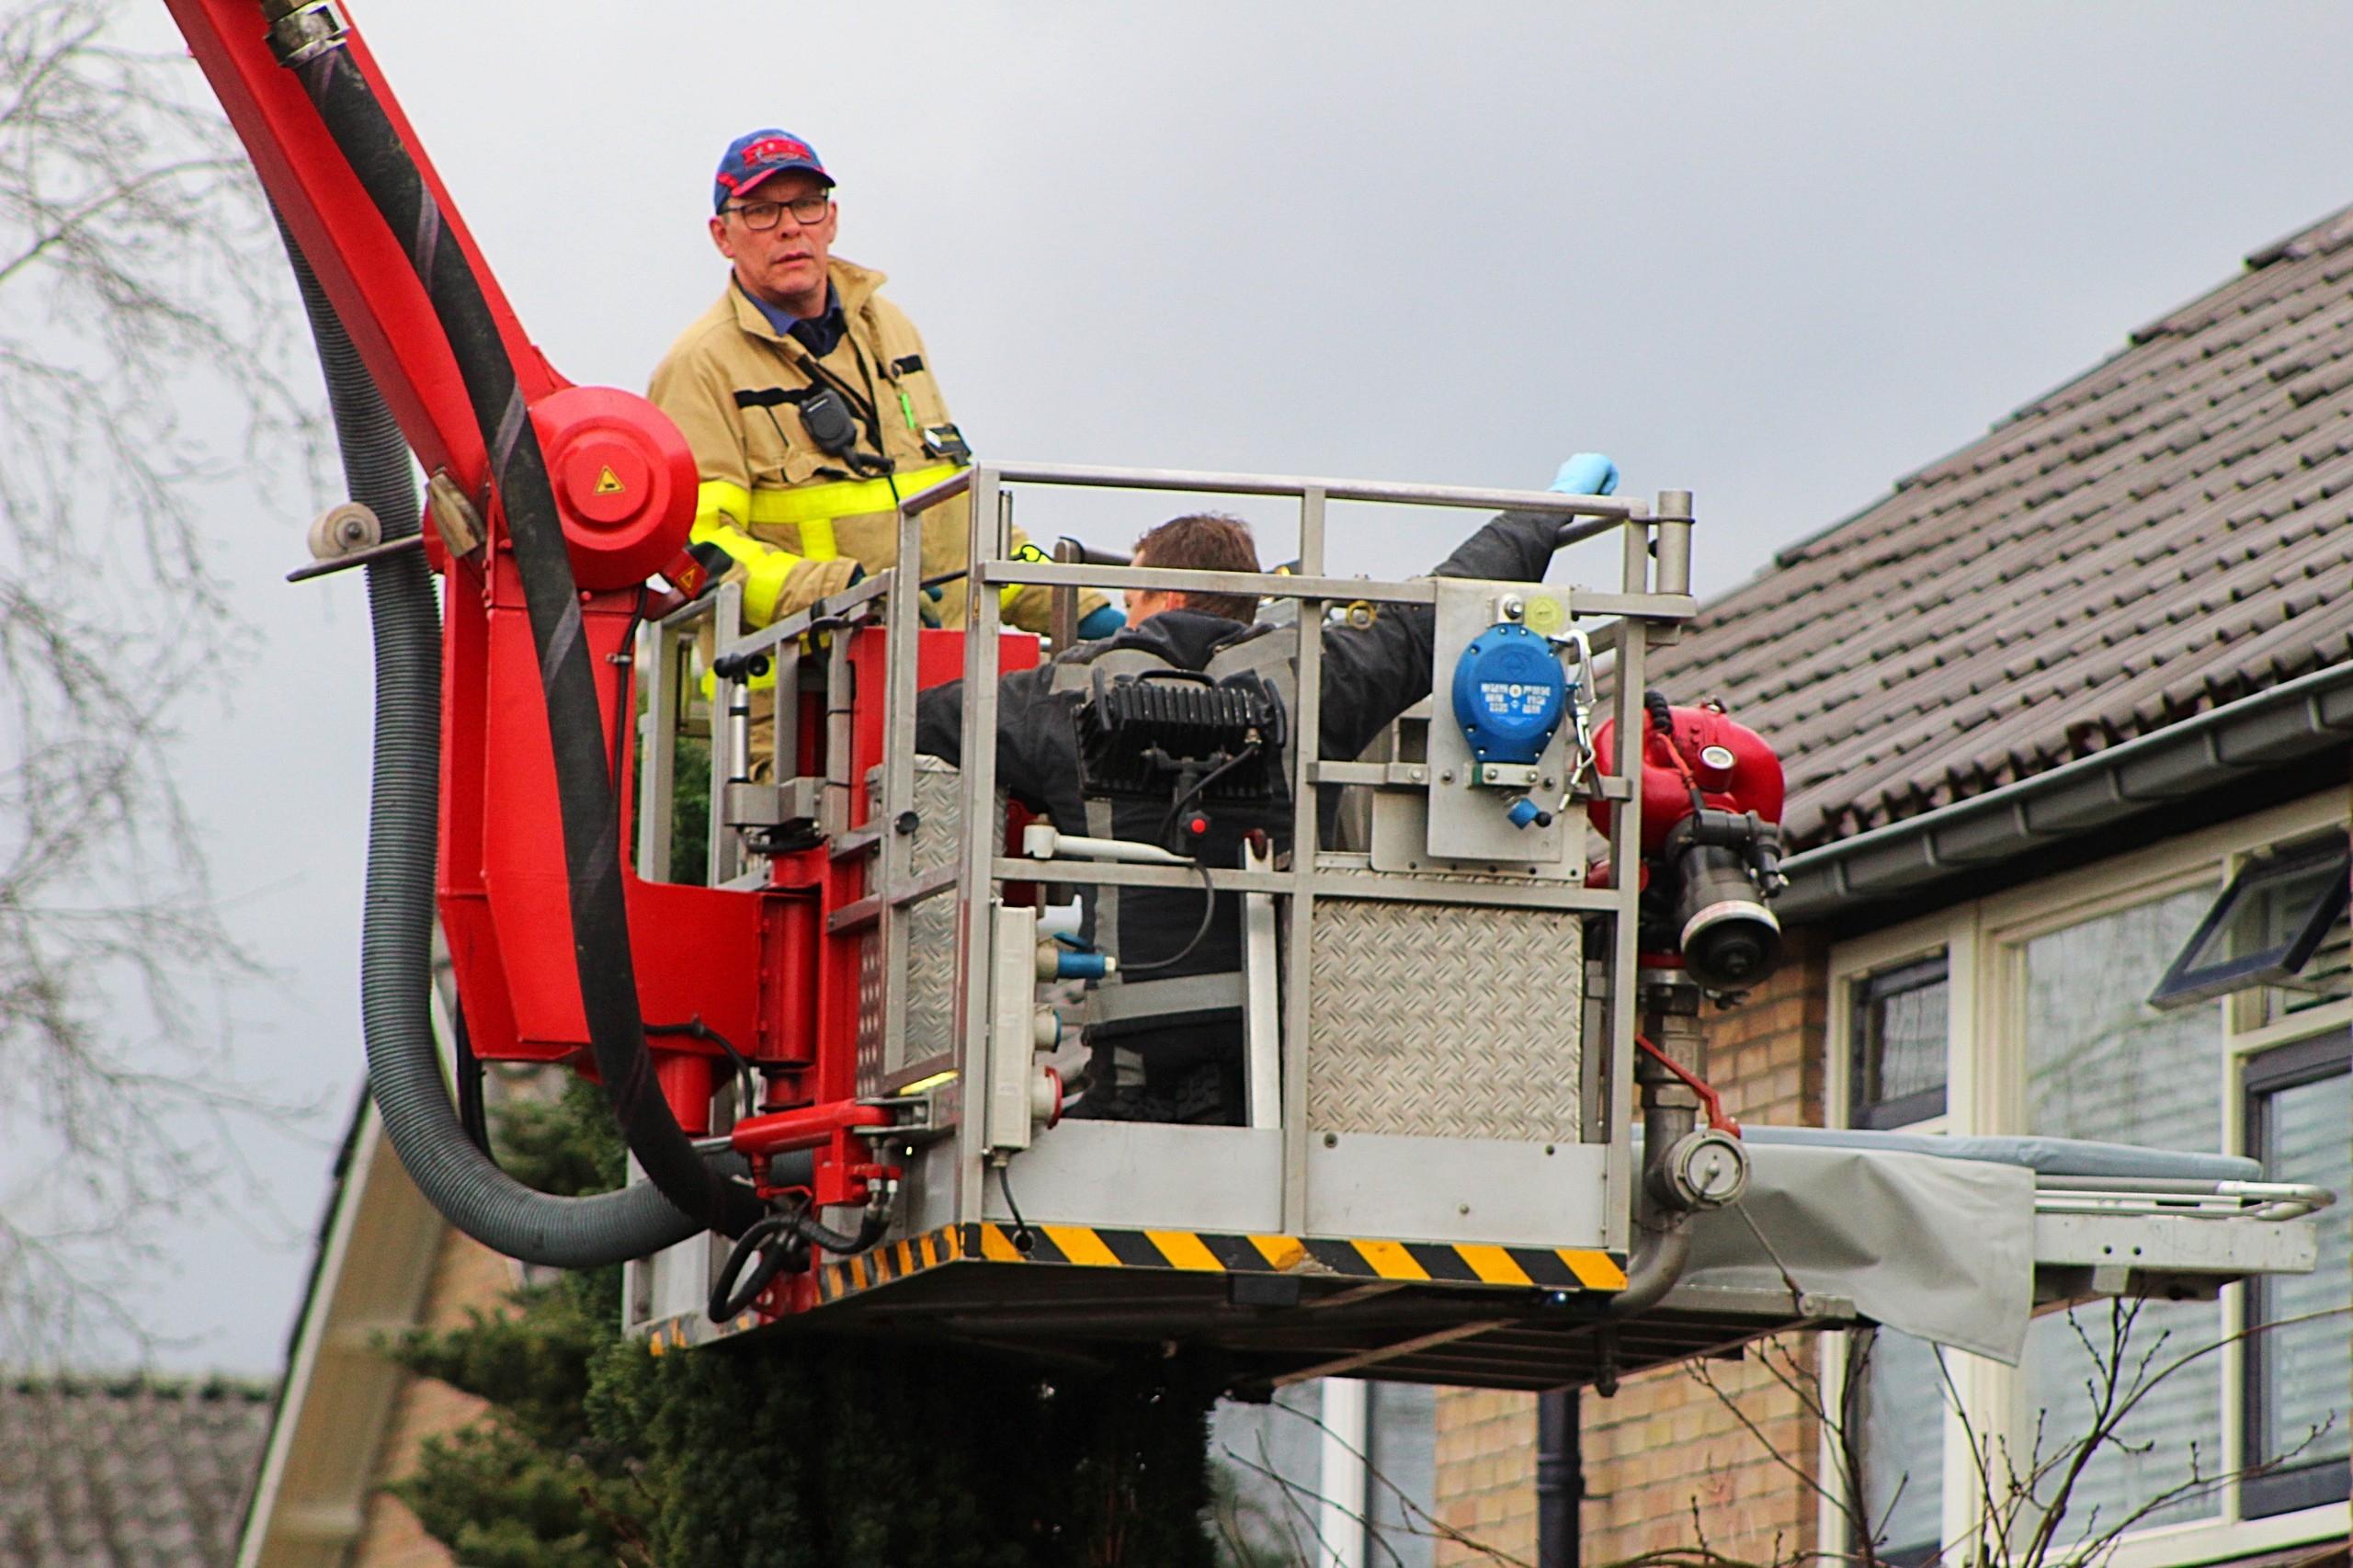 Brandweer assisteert ambulancebroeders